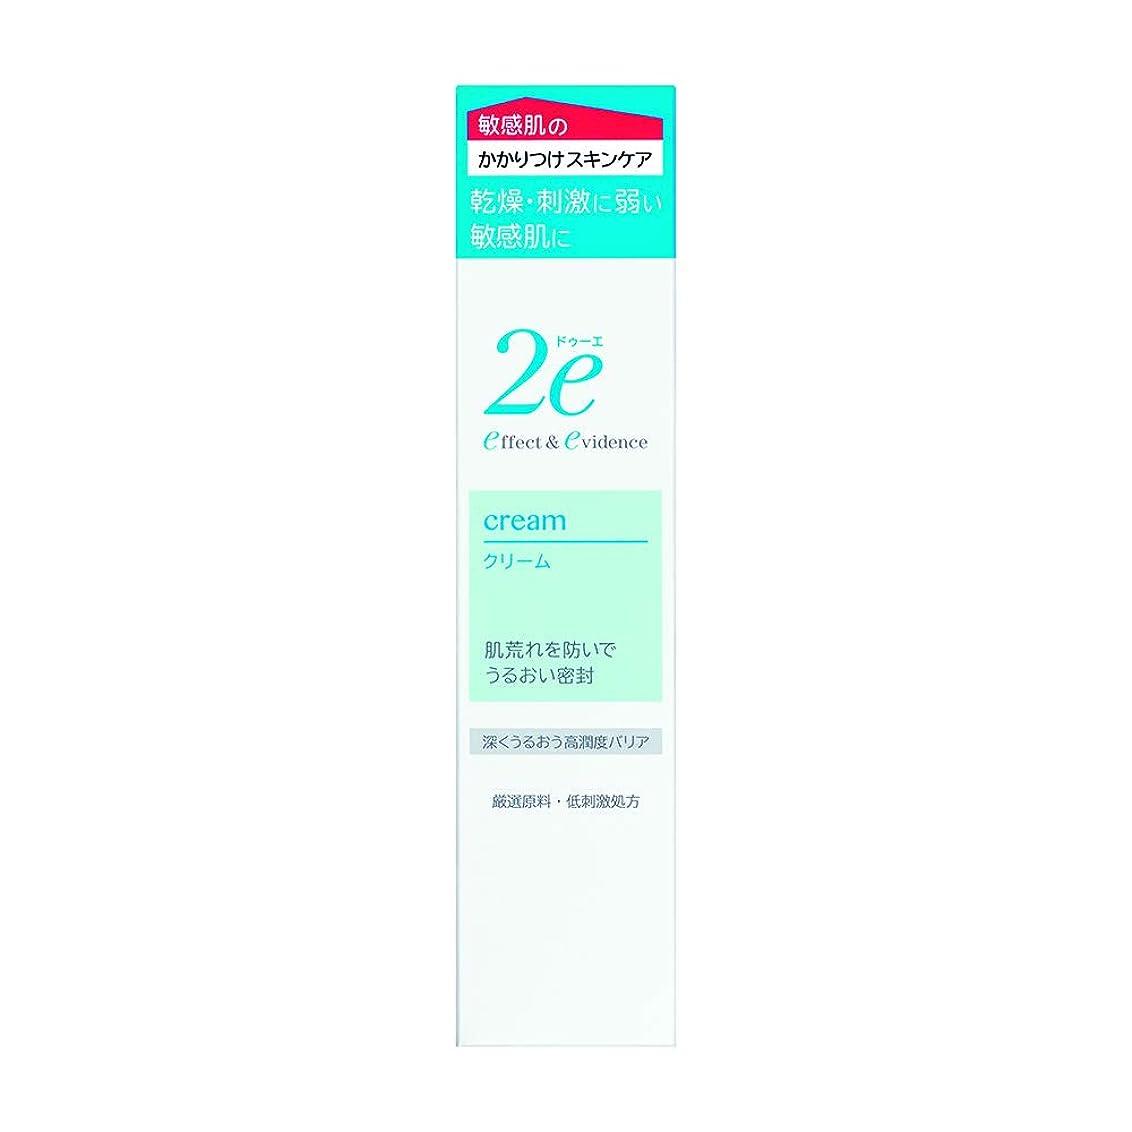 マイルドギャラリー破滅的な2e(ドゥーエ) クリーム 敏感肌用クリーム 低刺激処方 深くうるおう高潤度バリア 30g